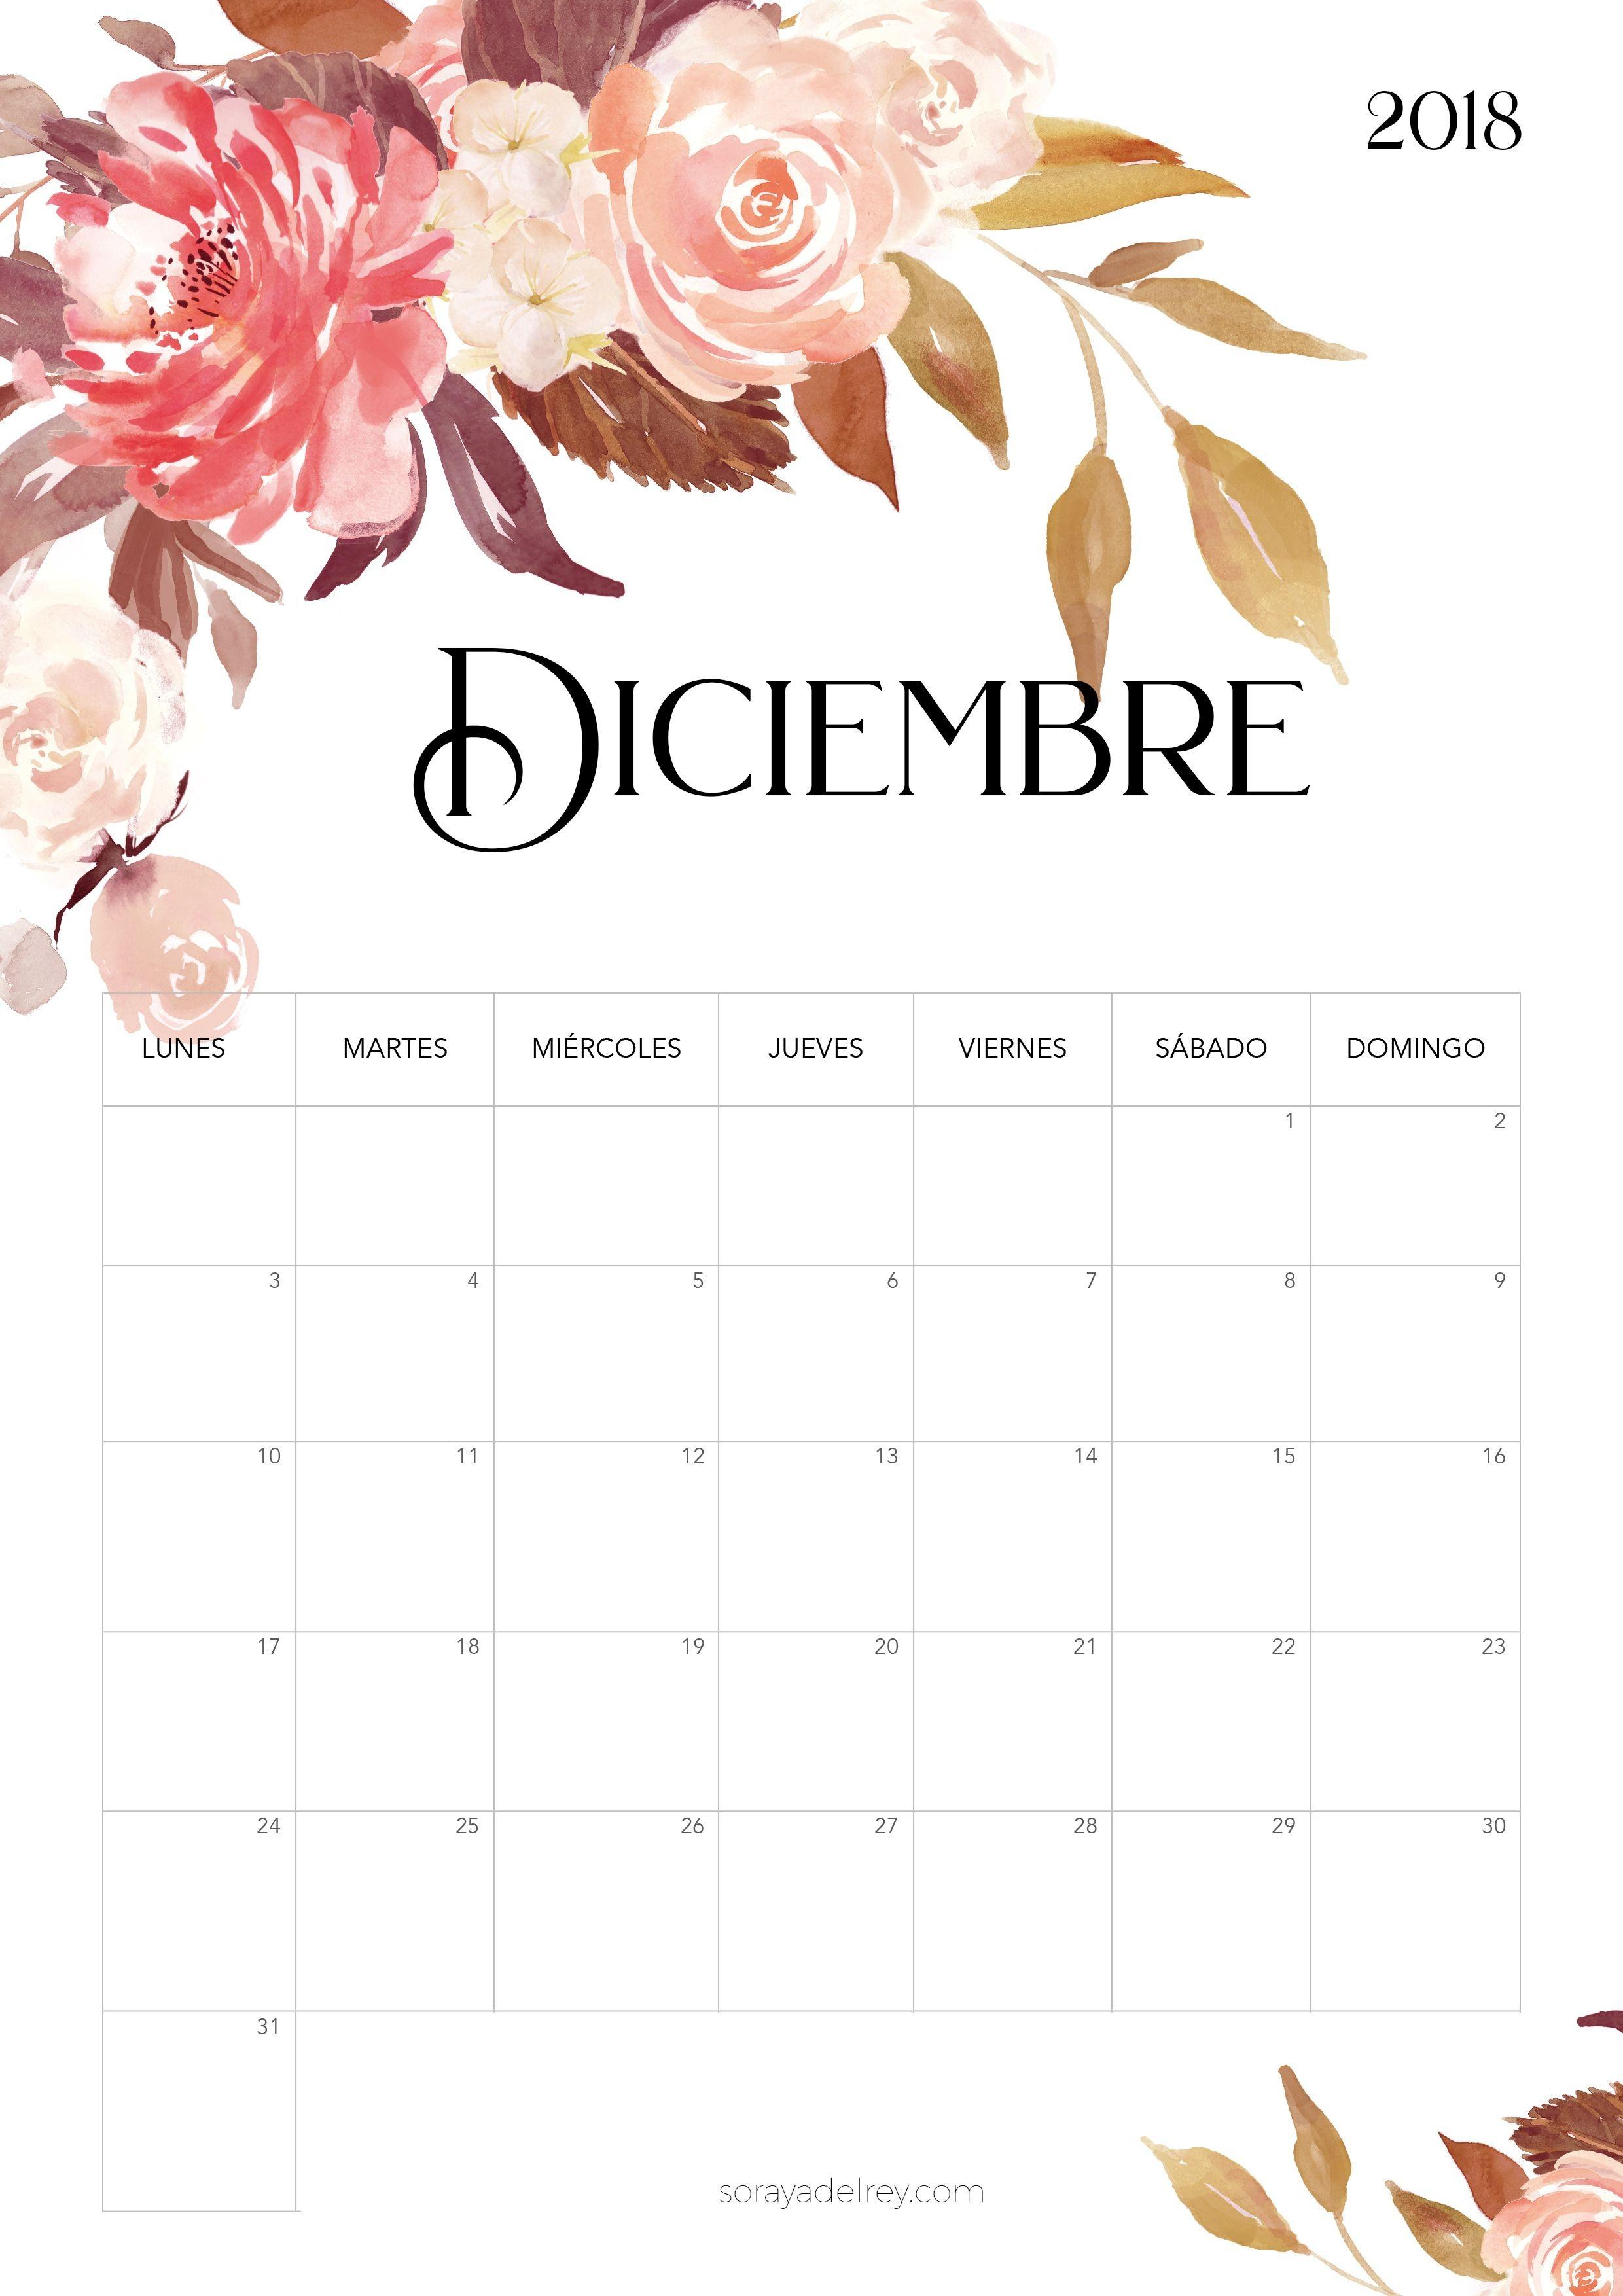 Calendario Para Imprimir Copa 2019 Más Populares Calendario Para Imprimir 2018 2019 Of Calendario Para Imprimir Copa 2019 Más Arriba-a-fecha Nido guila Coapa Club América Sitio Icial